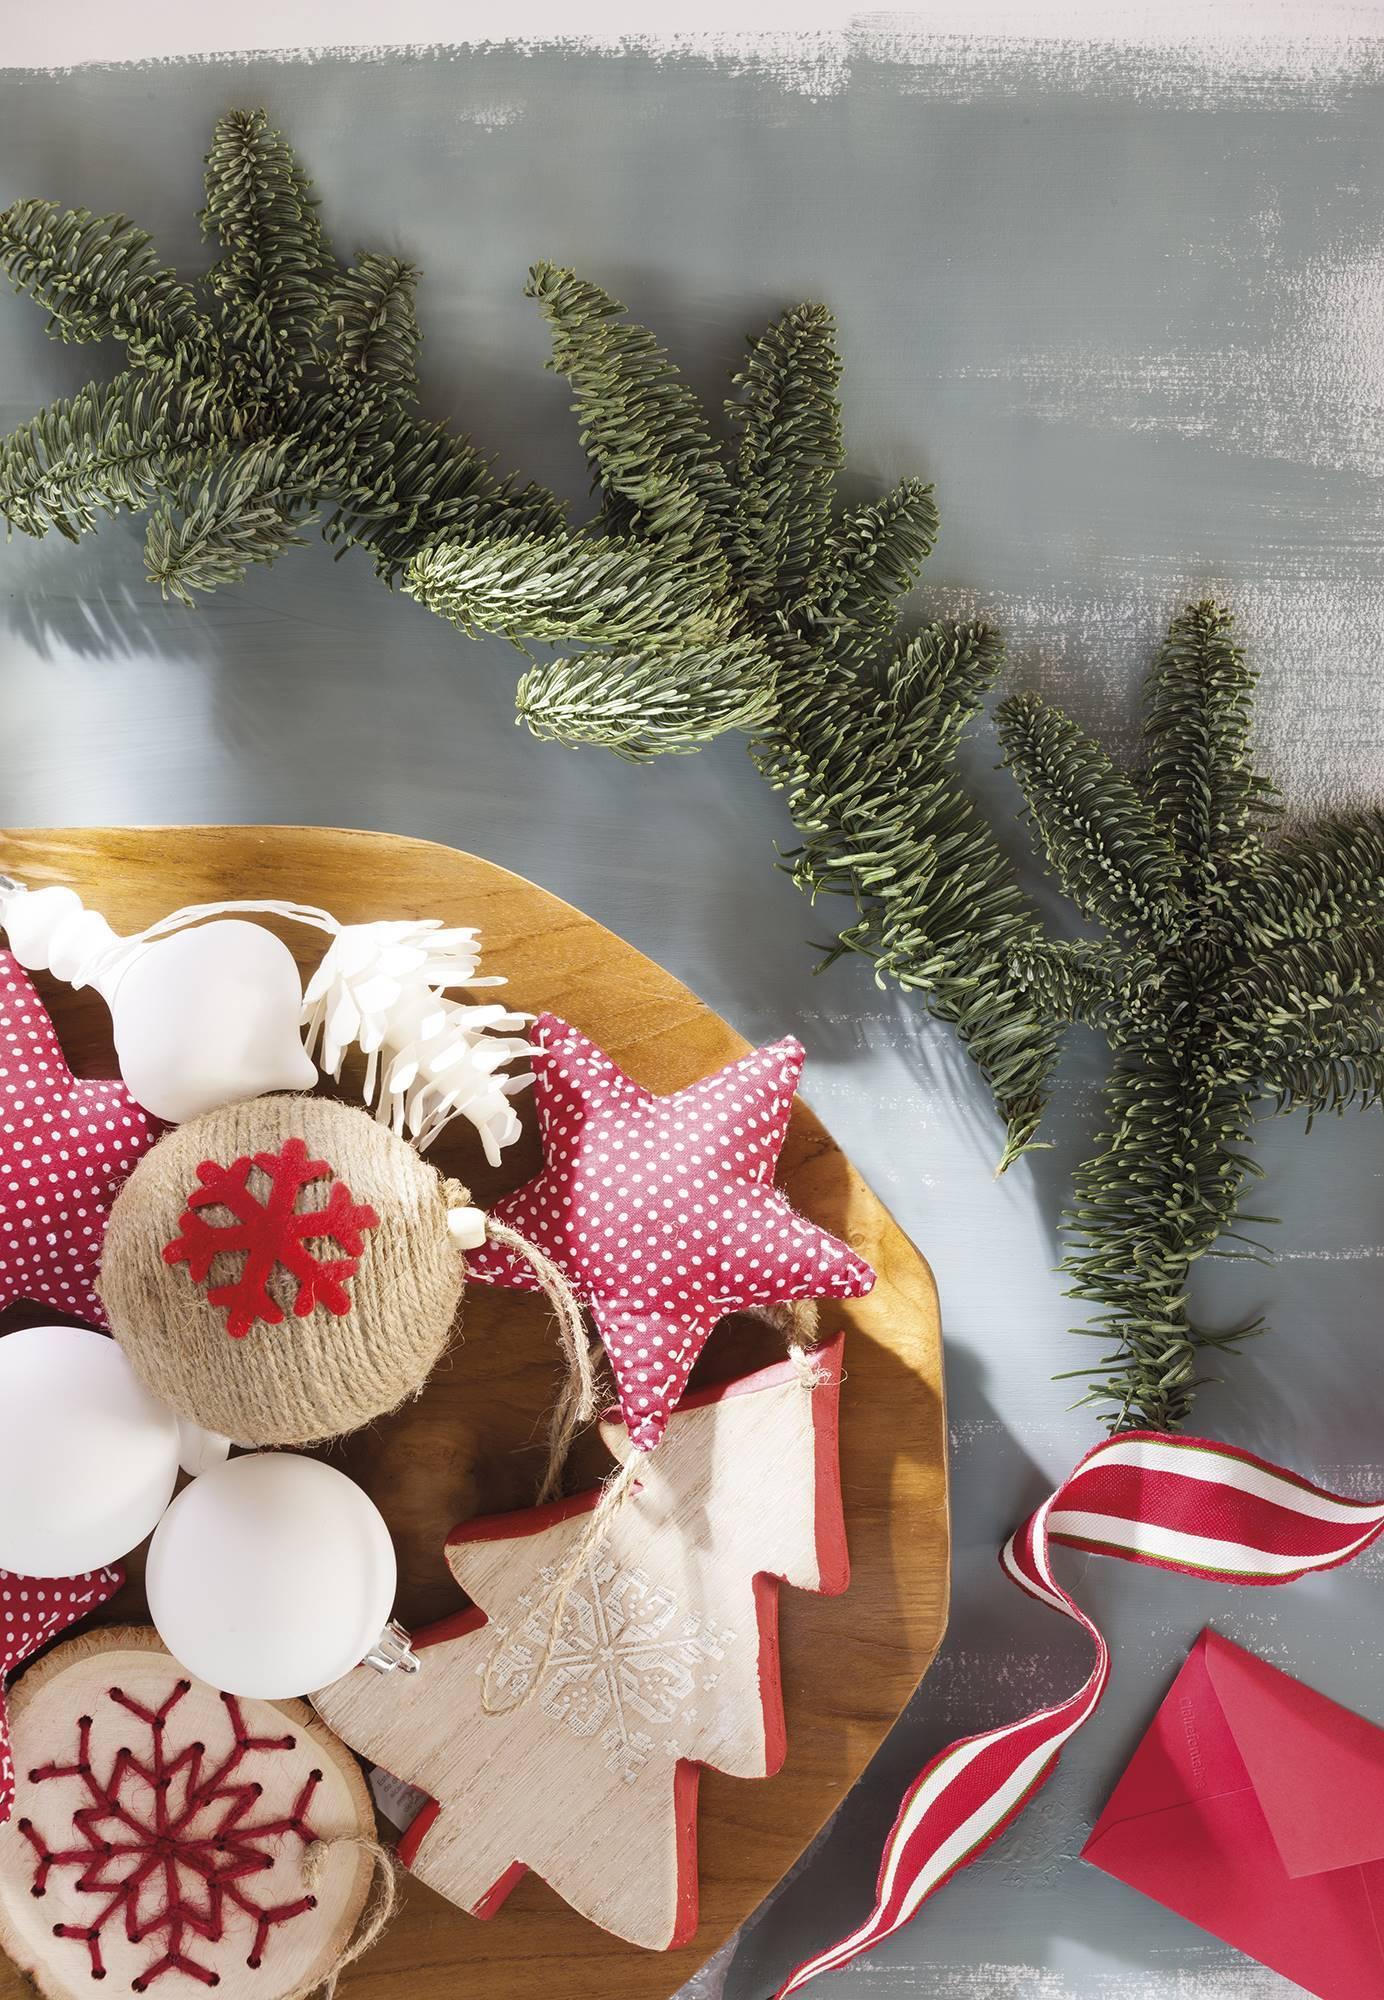 Căn nhà bừng sáng lung linh mùa Giáng sinh nhờ khéo mix đồ trang trí - Ảnh 5.